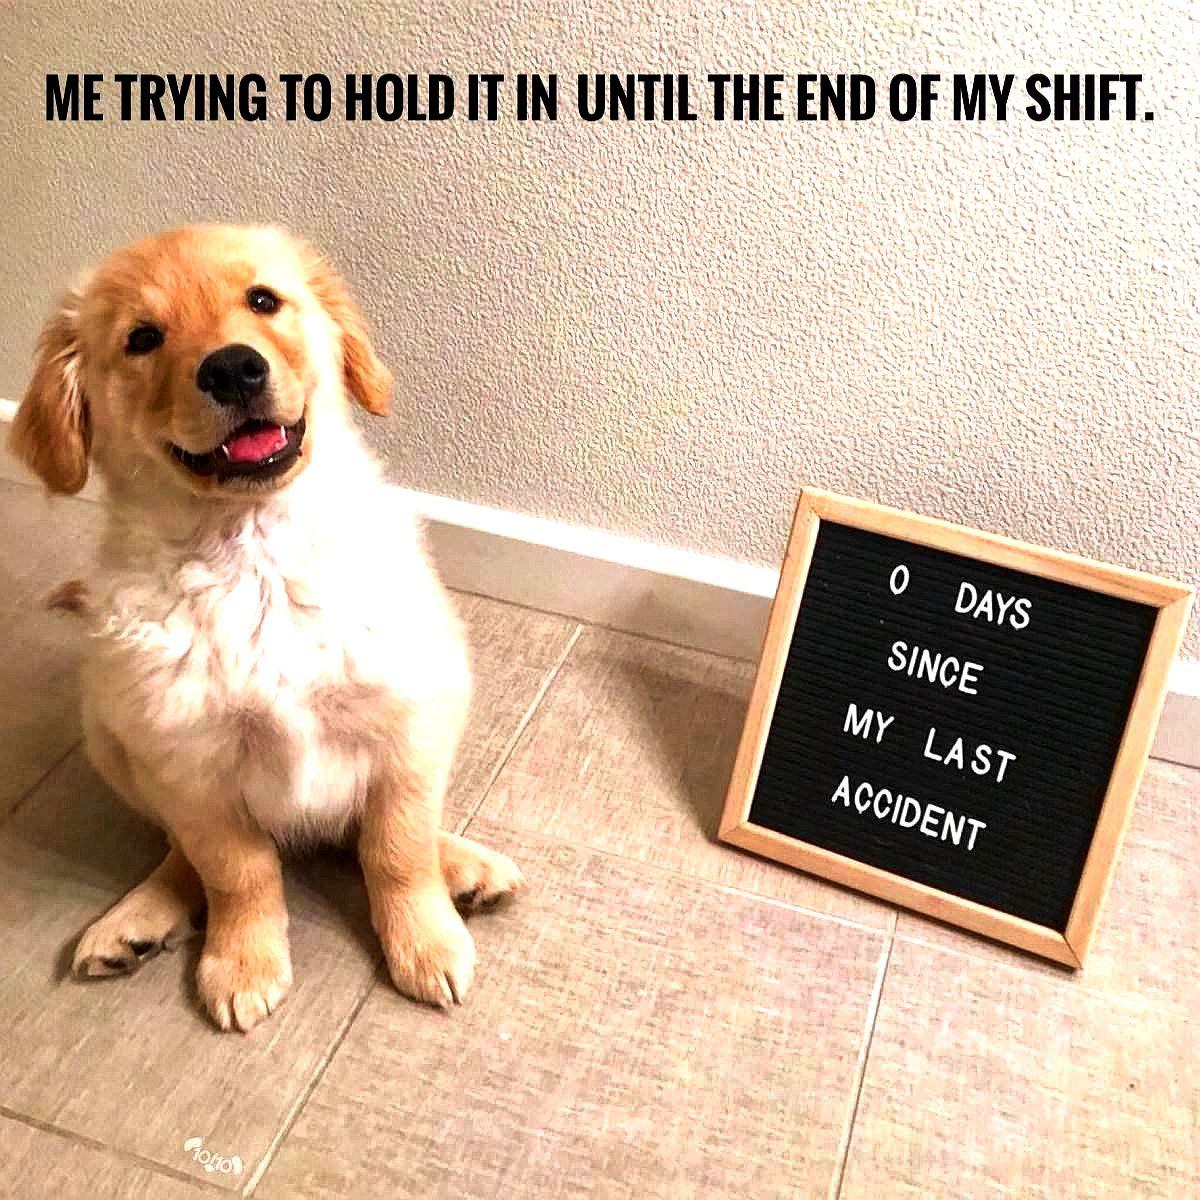 Bahahahaha Dog Memes So Funny Dog Meme Disappointed Funny Dog Memes Cute Dog Memes Dog Memes